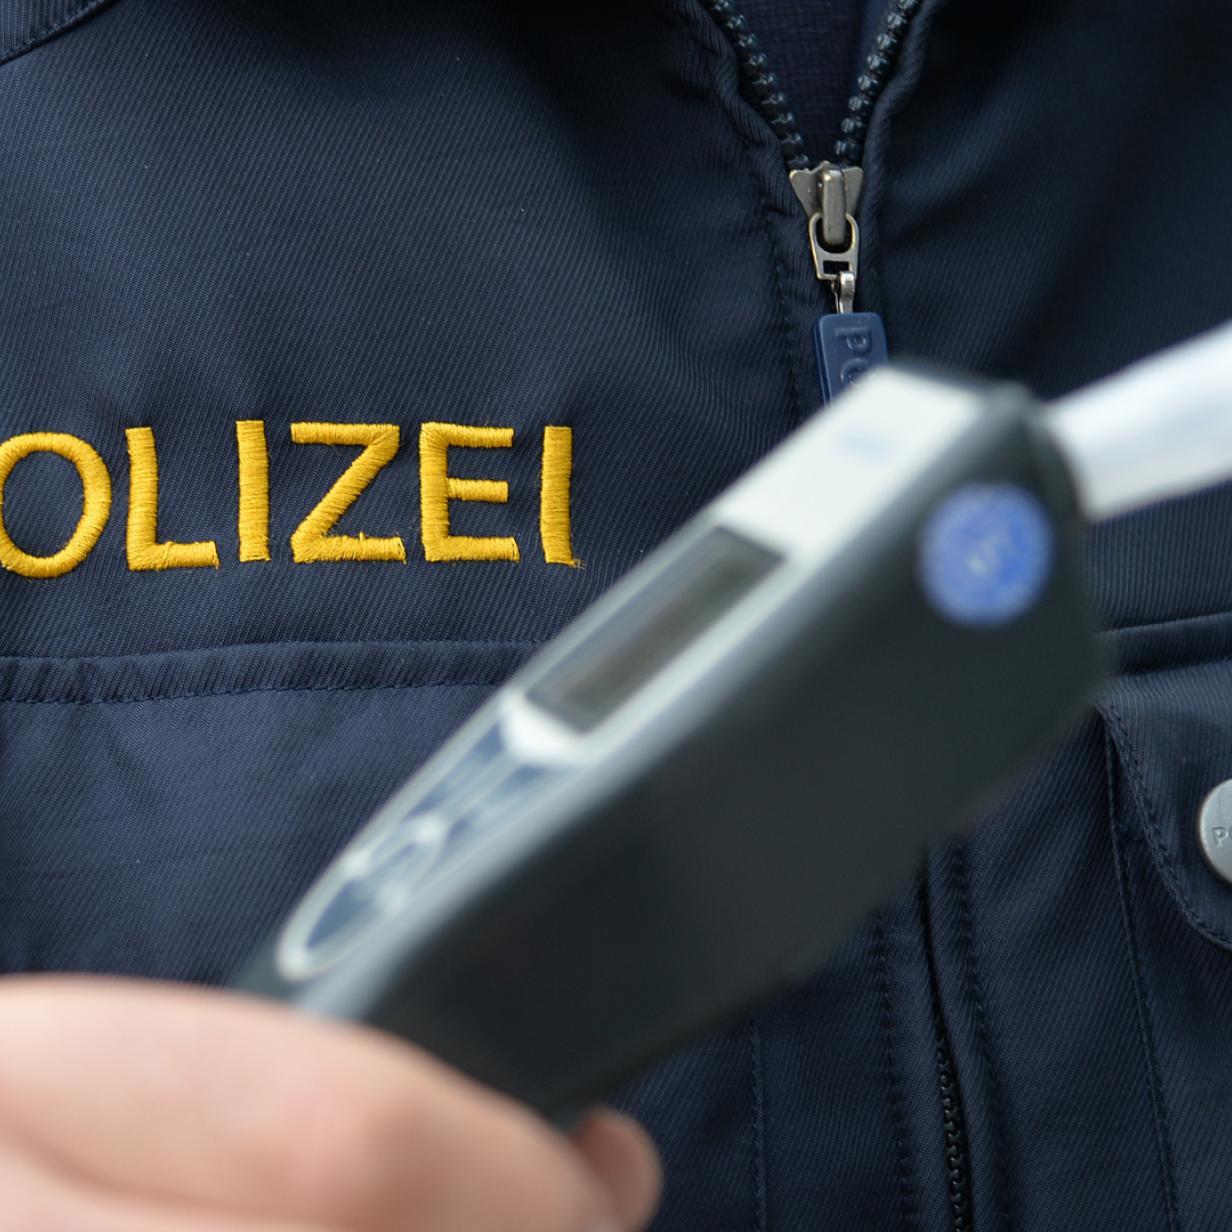 Polizei nahm in Kärnten 22 Lenkern den Führerschein ab